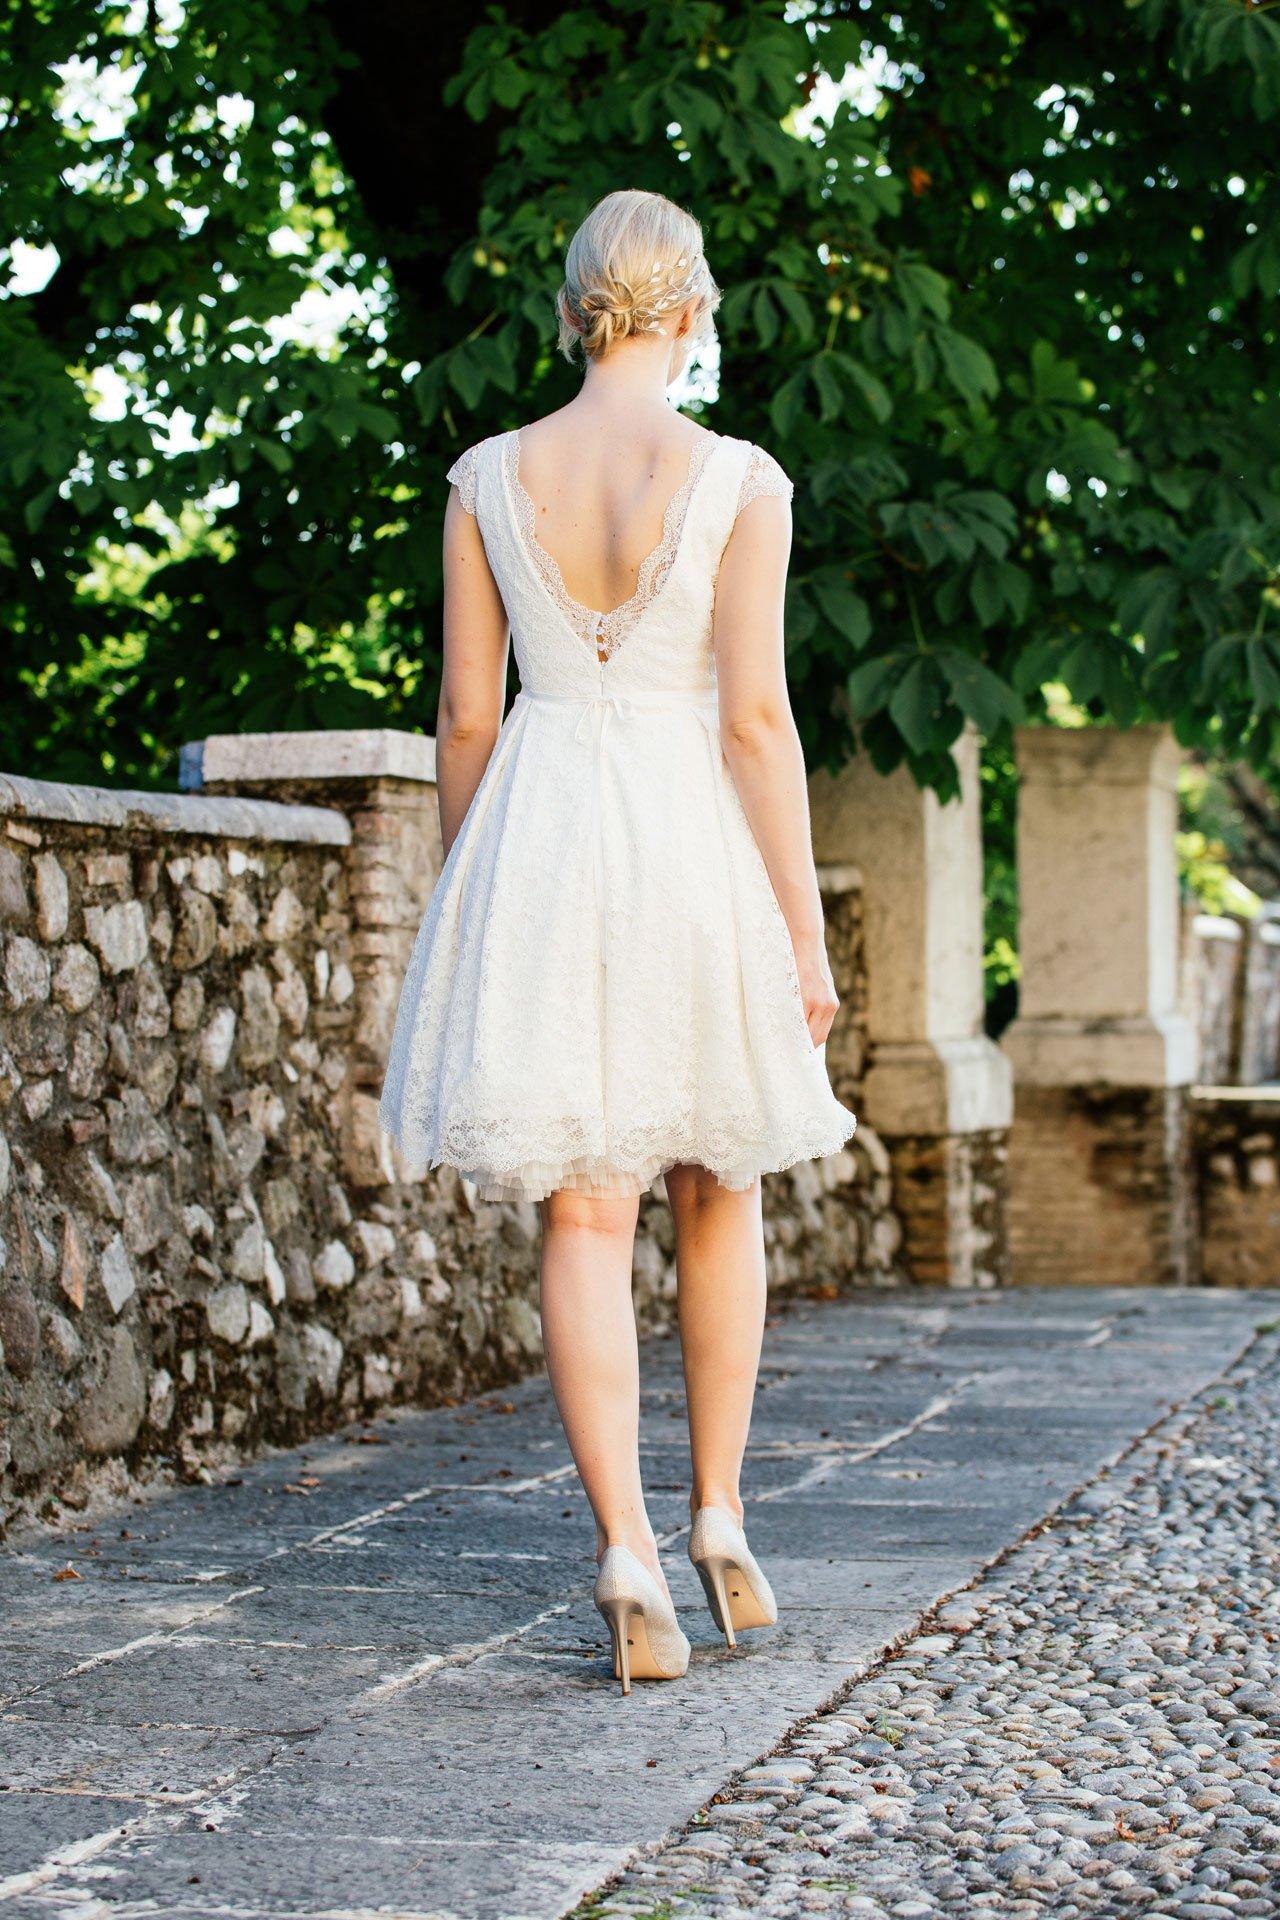 Patty Kurze Brautkleider Die Brautgalerie